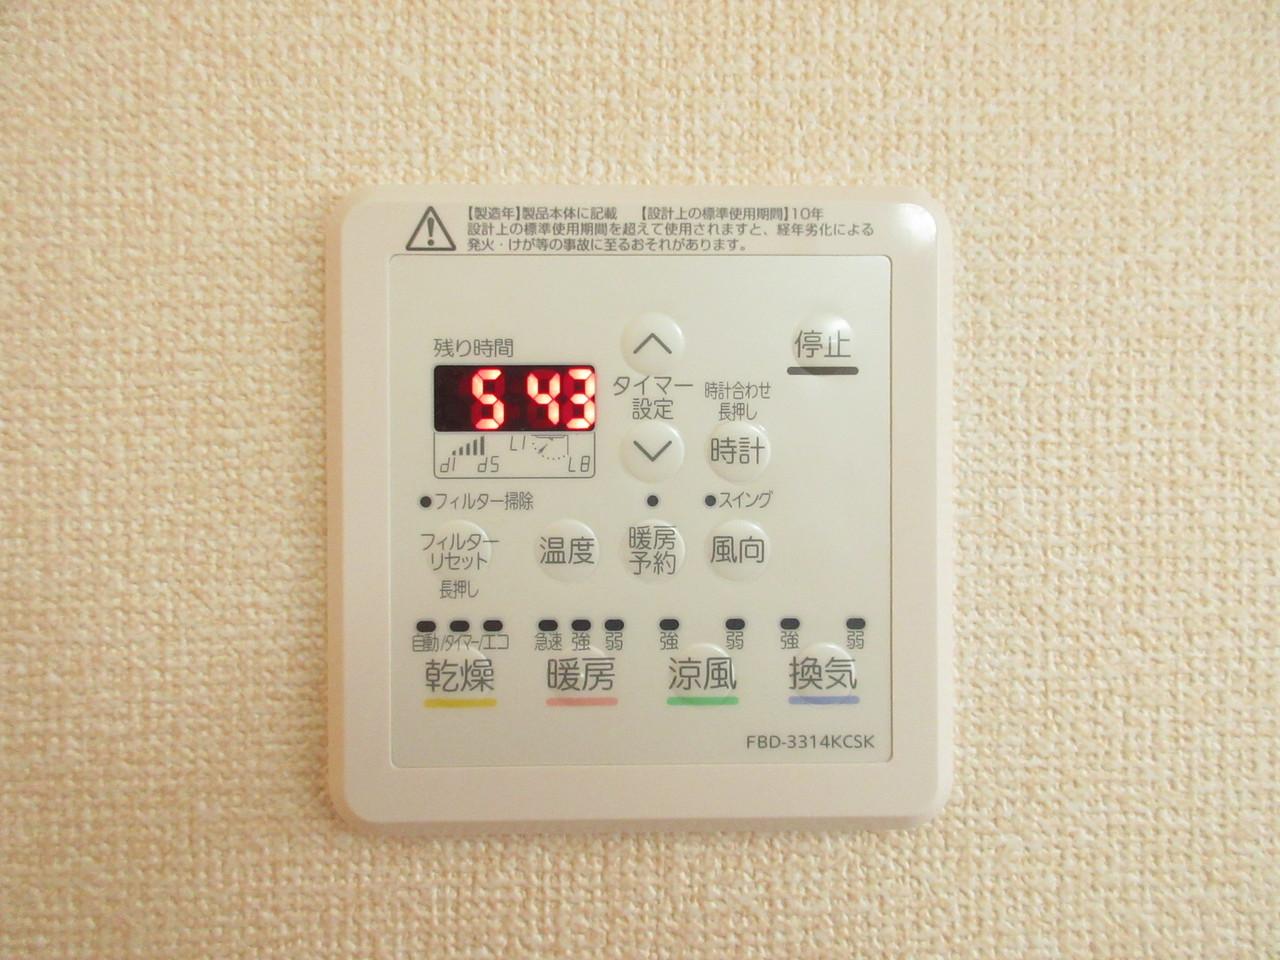 あると嬉しい機能がたくさん!暖房予約機能までついています♪